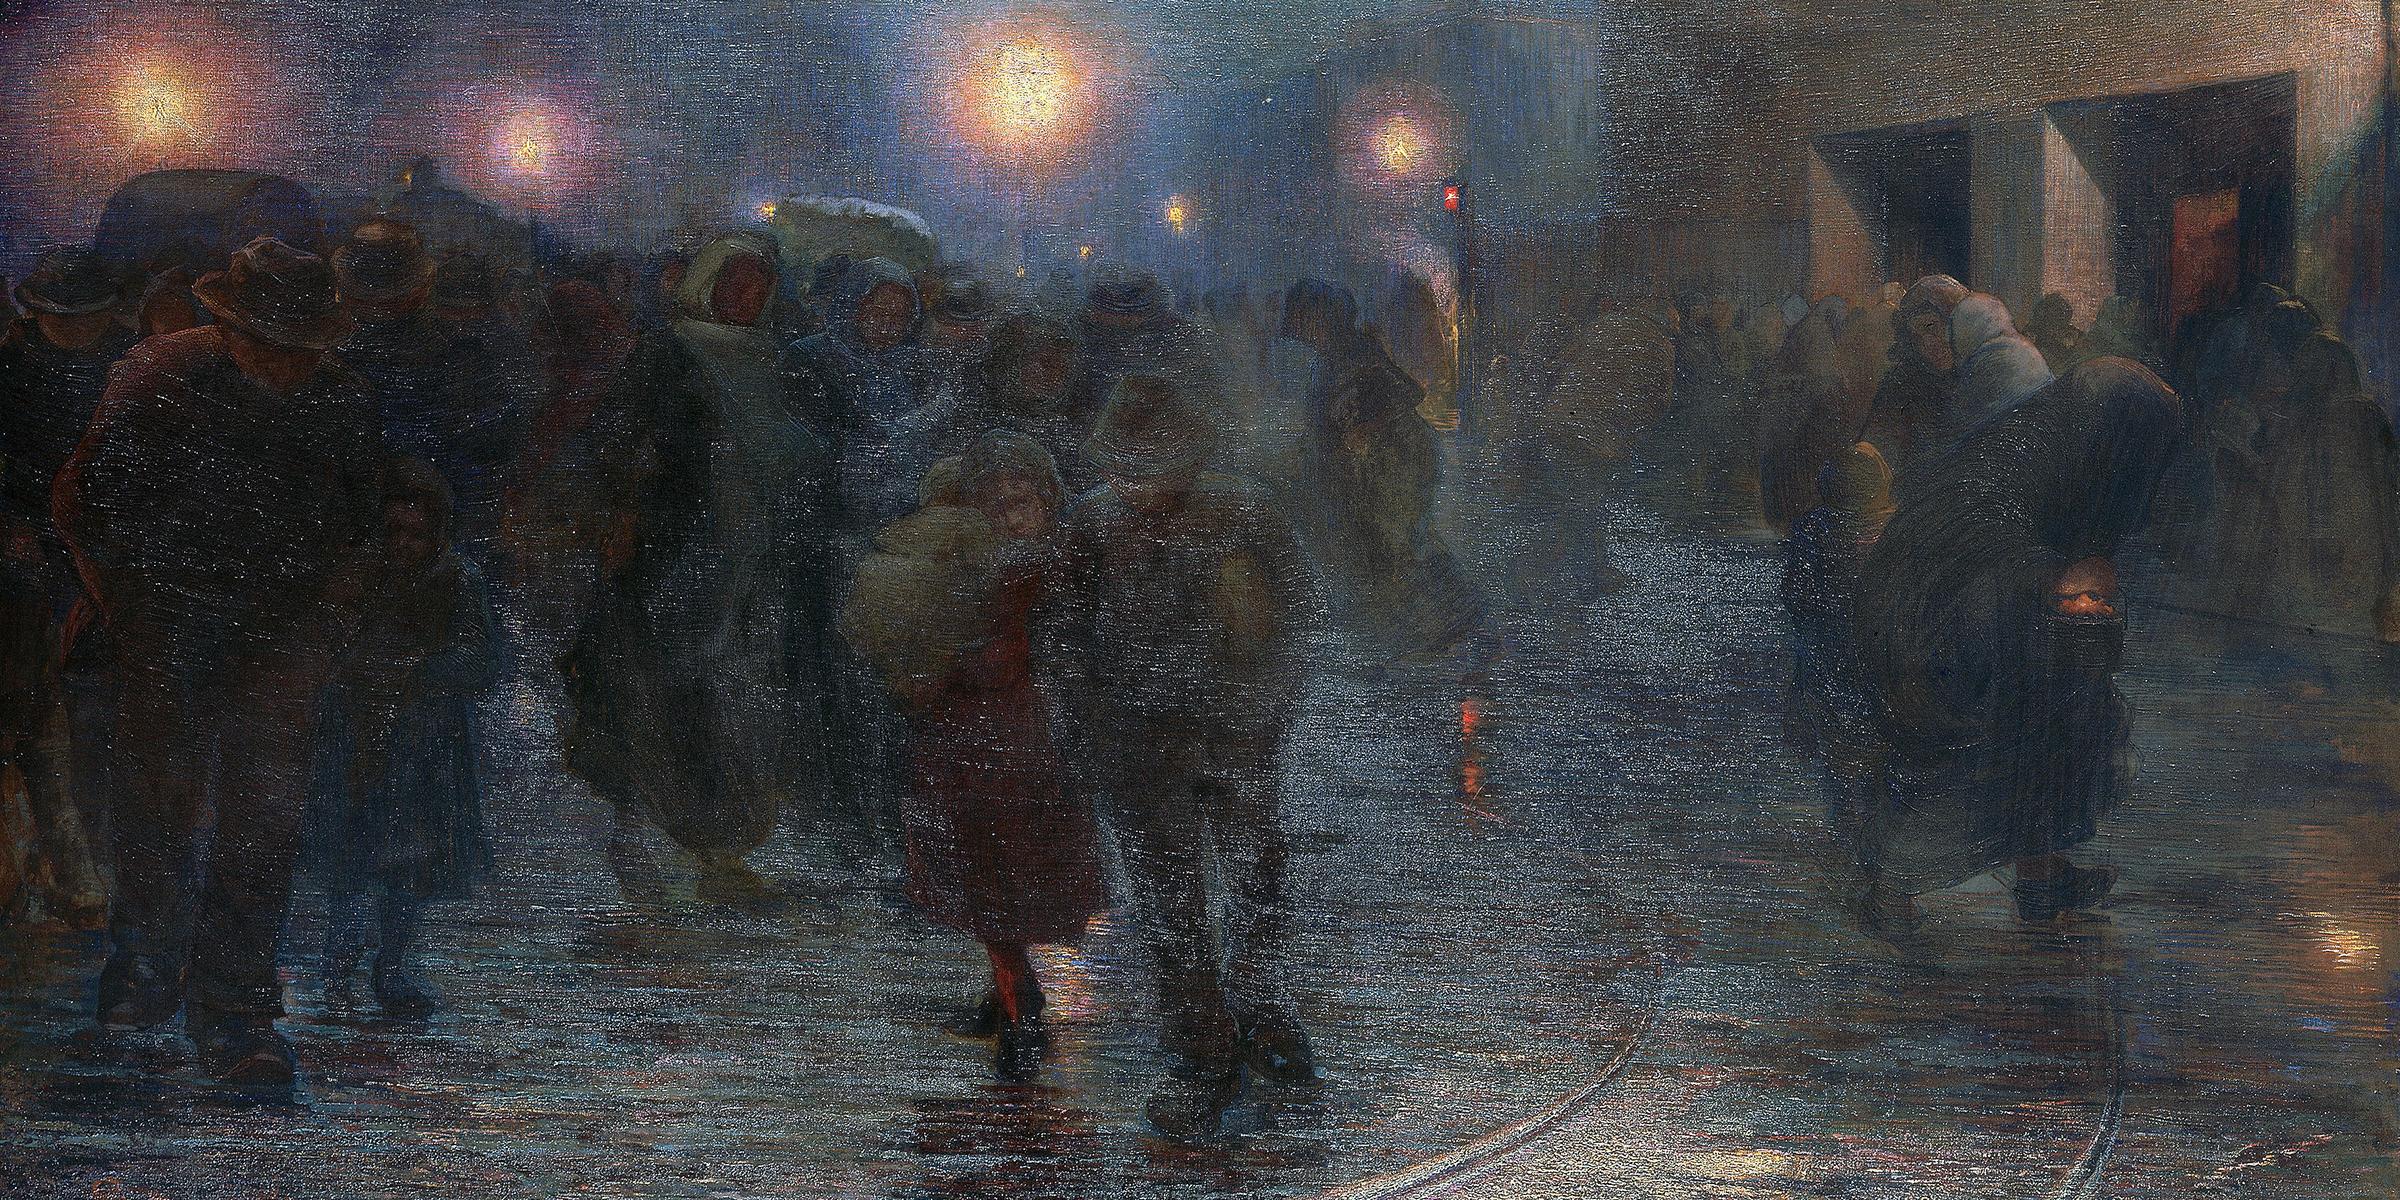 The Worker's Dawn, by Giovanni Sottocornola, 1897. © Alinari/Art Resource, NY.